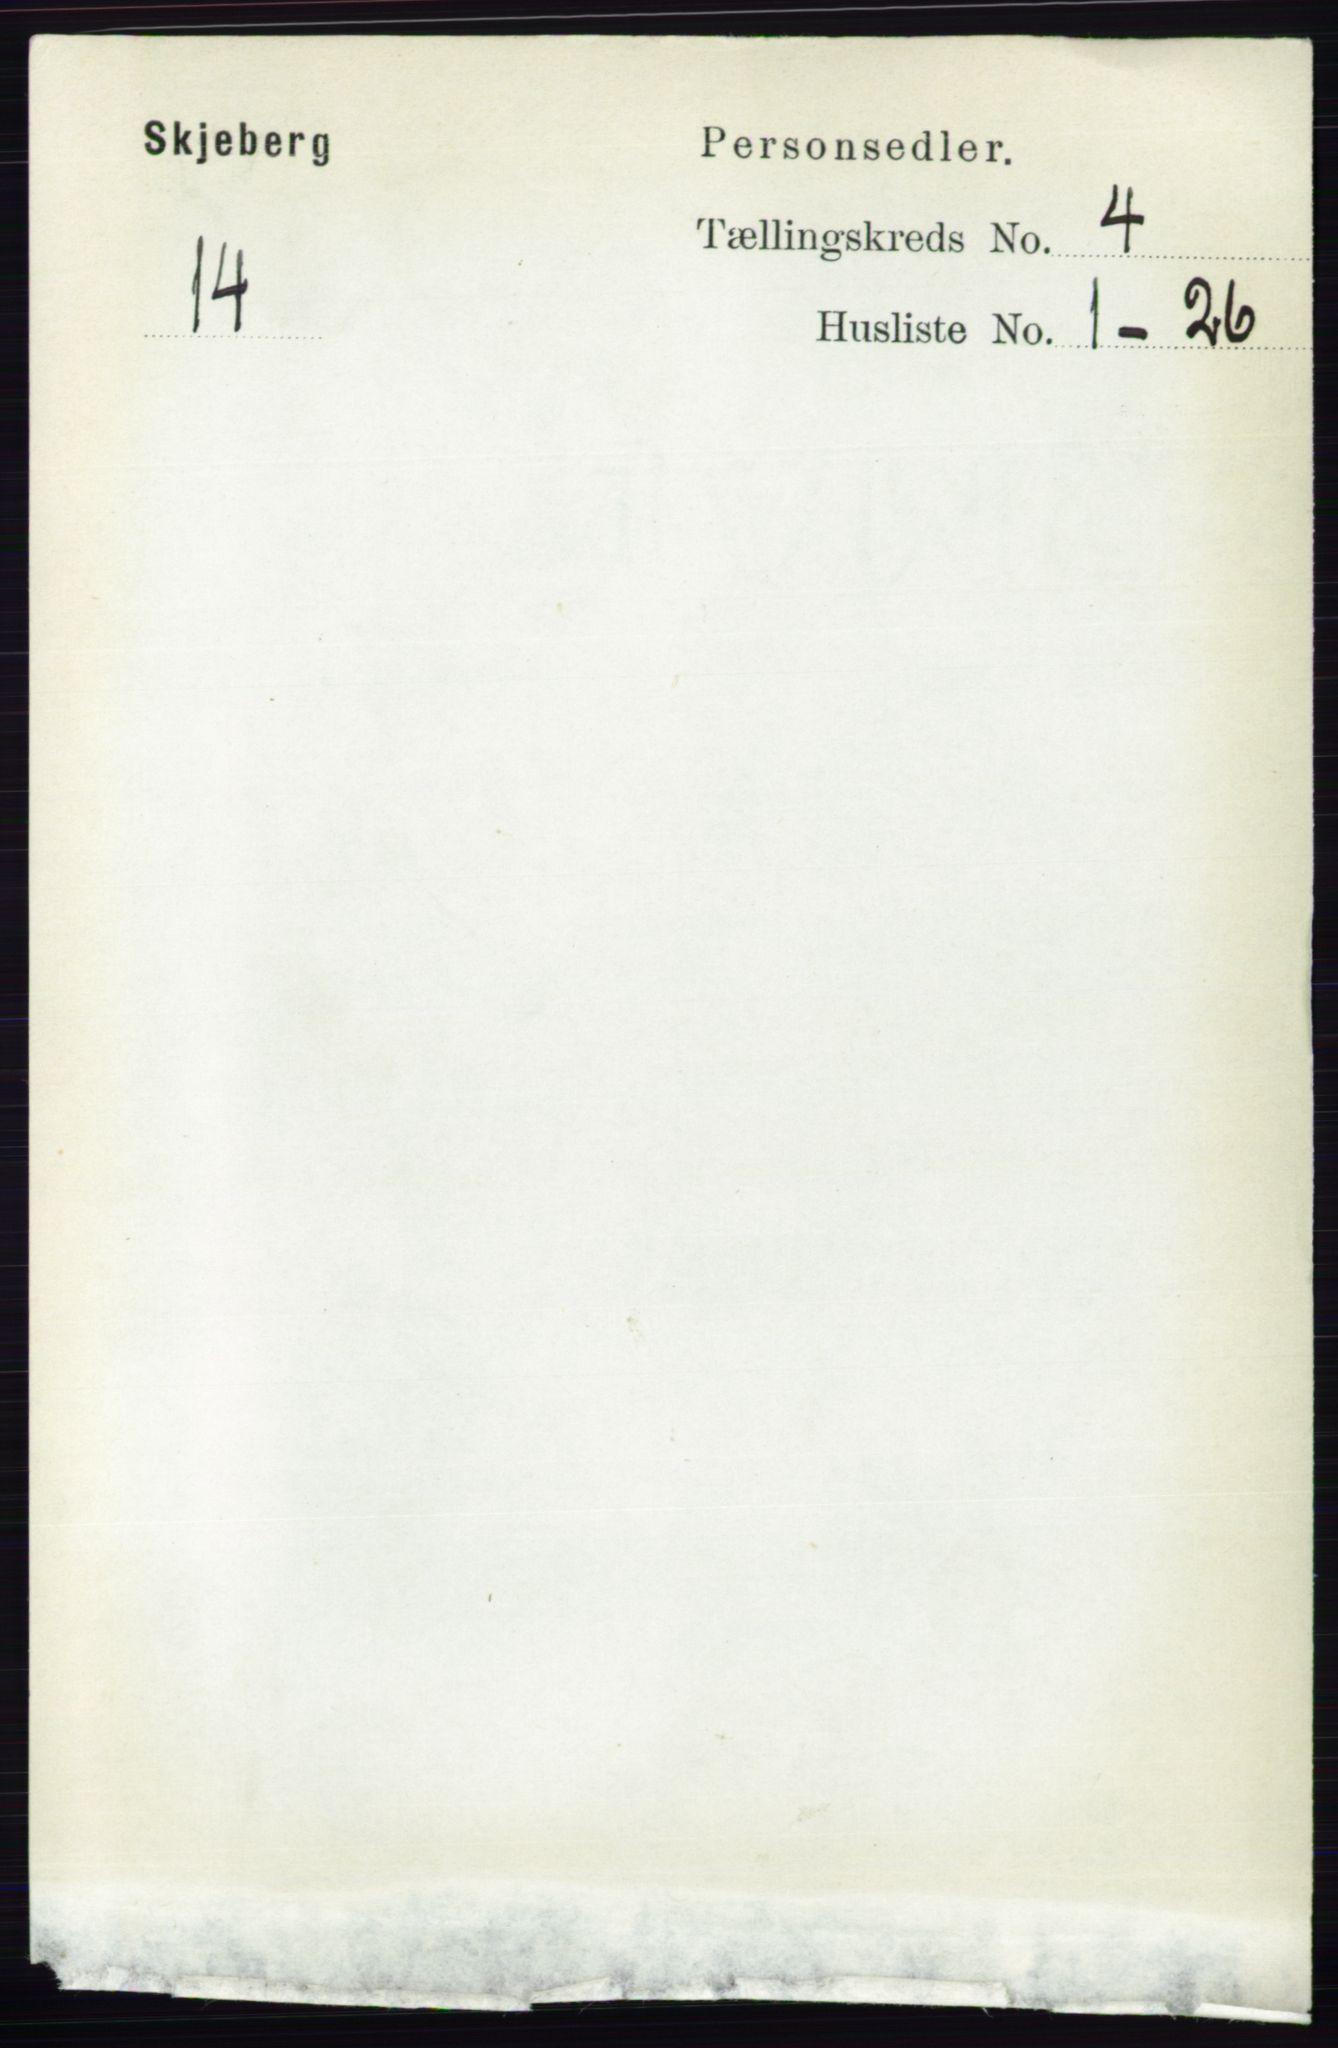 RA, Folketelling 1891 for 0115 Skjeberg herred, 1891, s. 1868